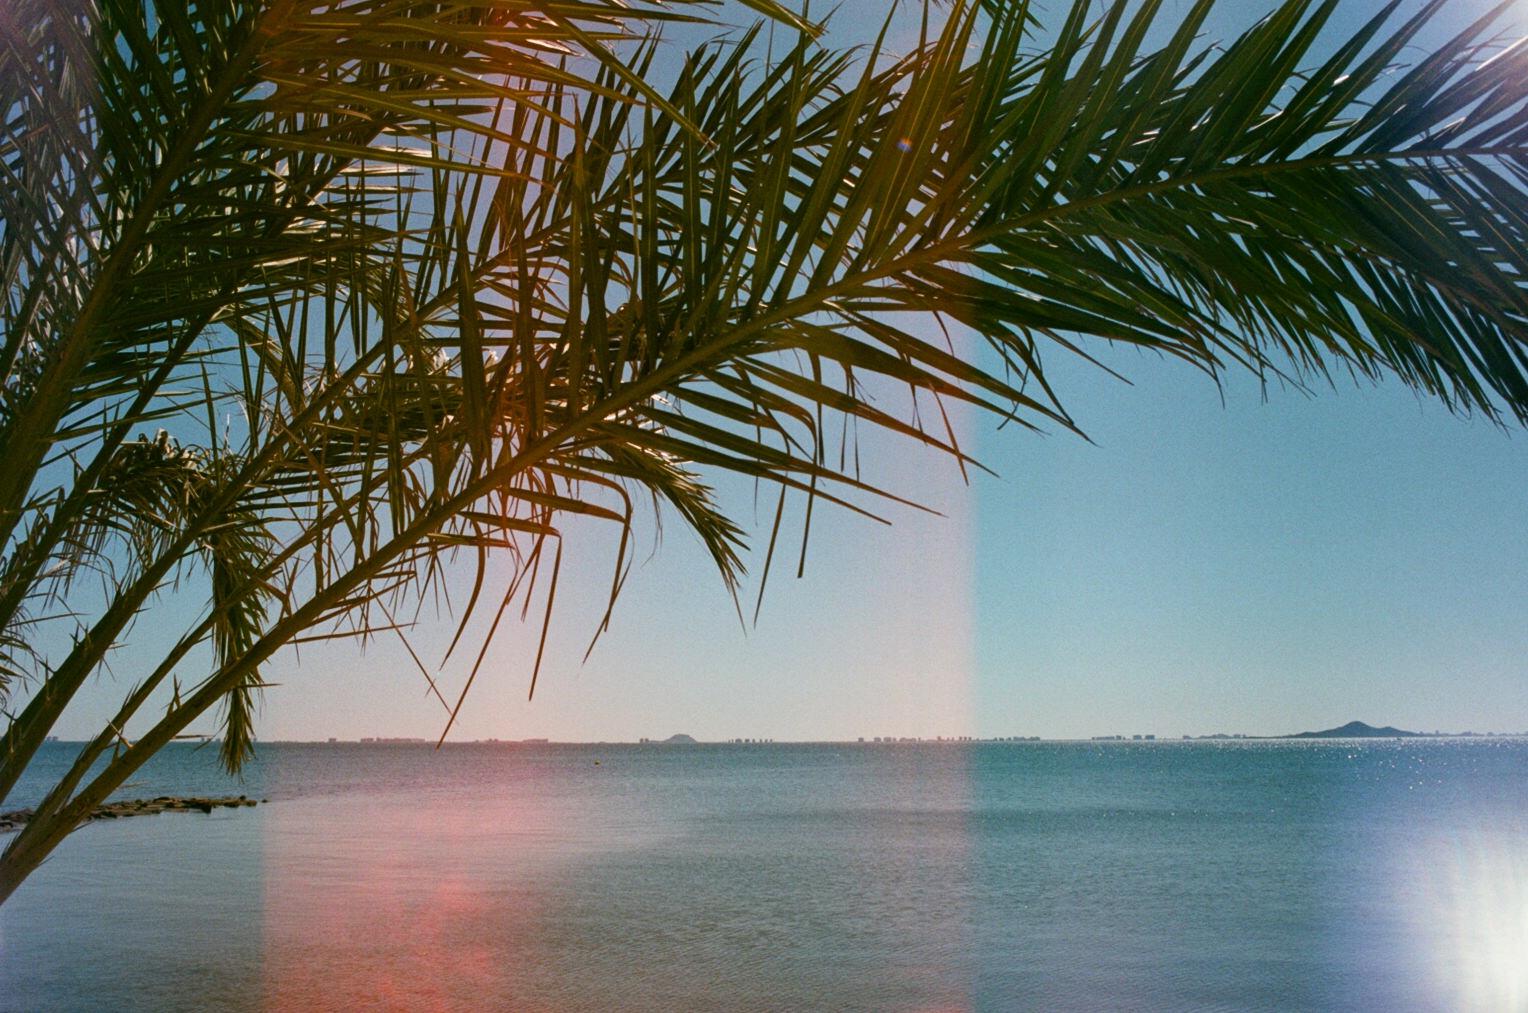 Los Alcazares palm by the beach